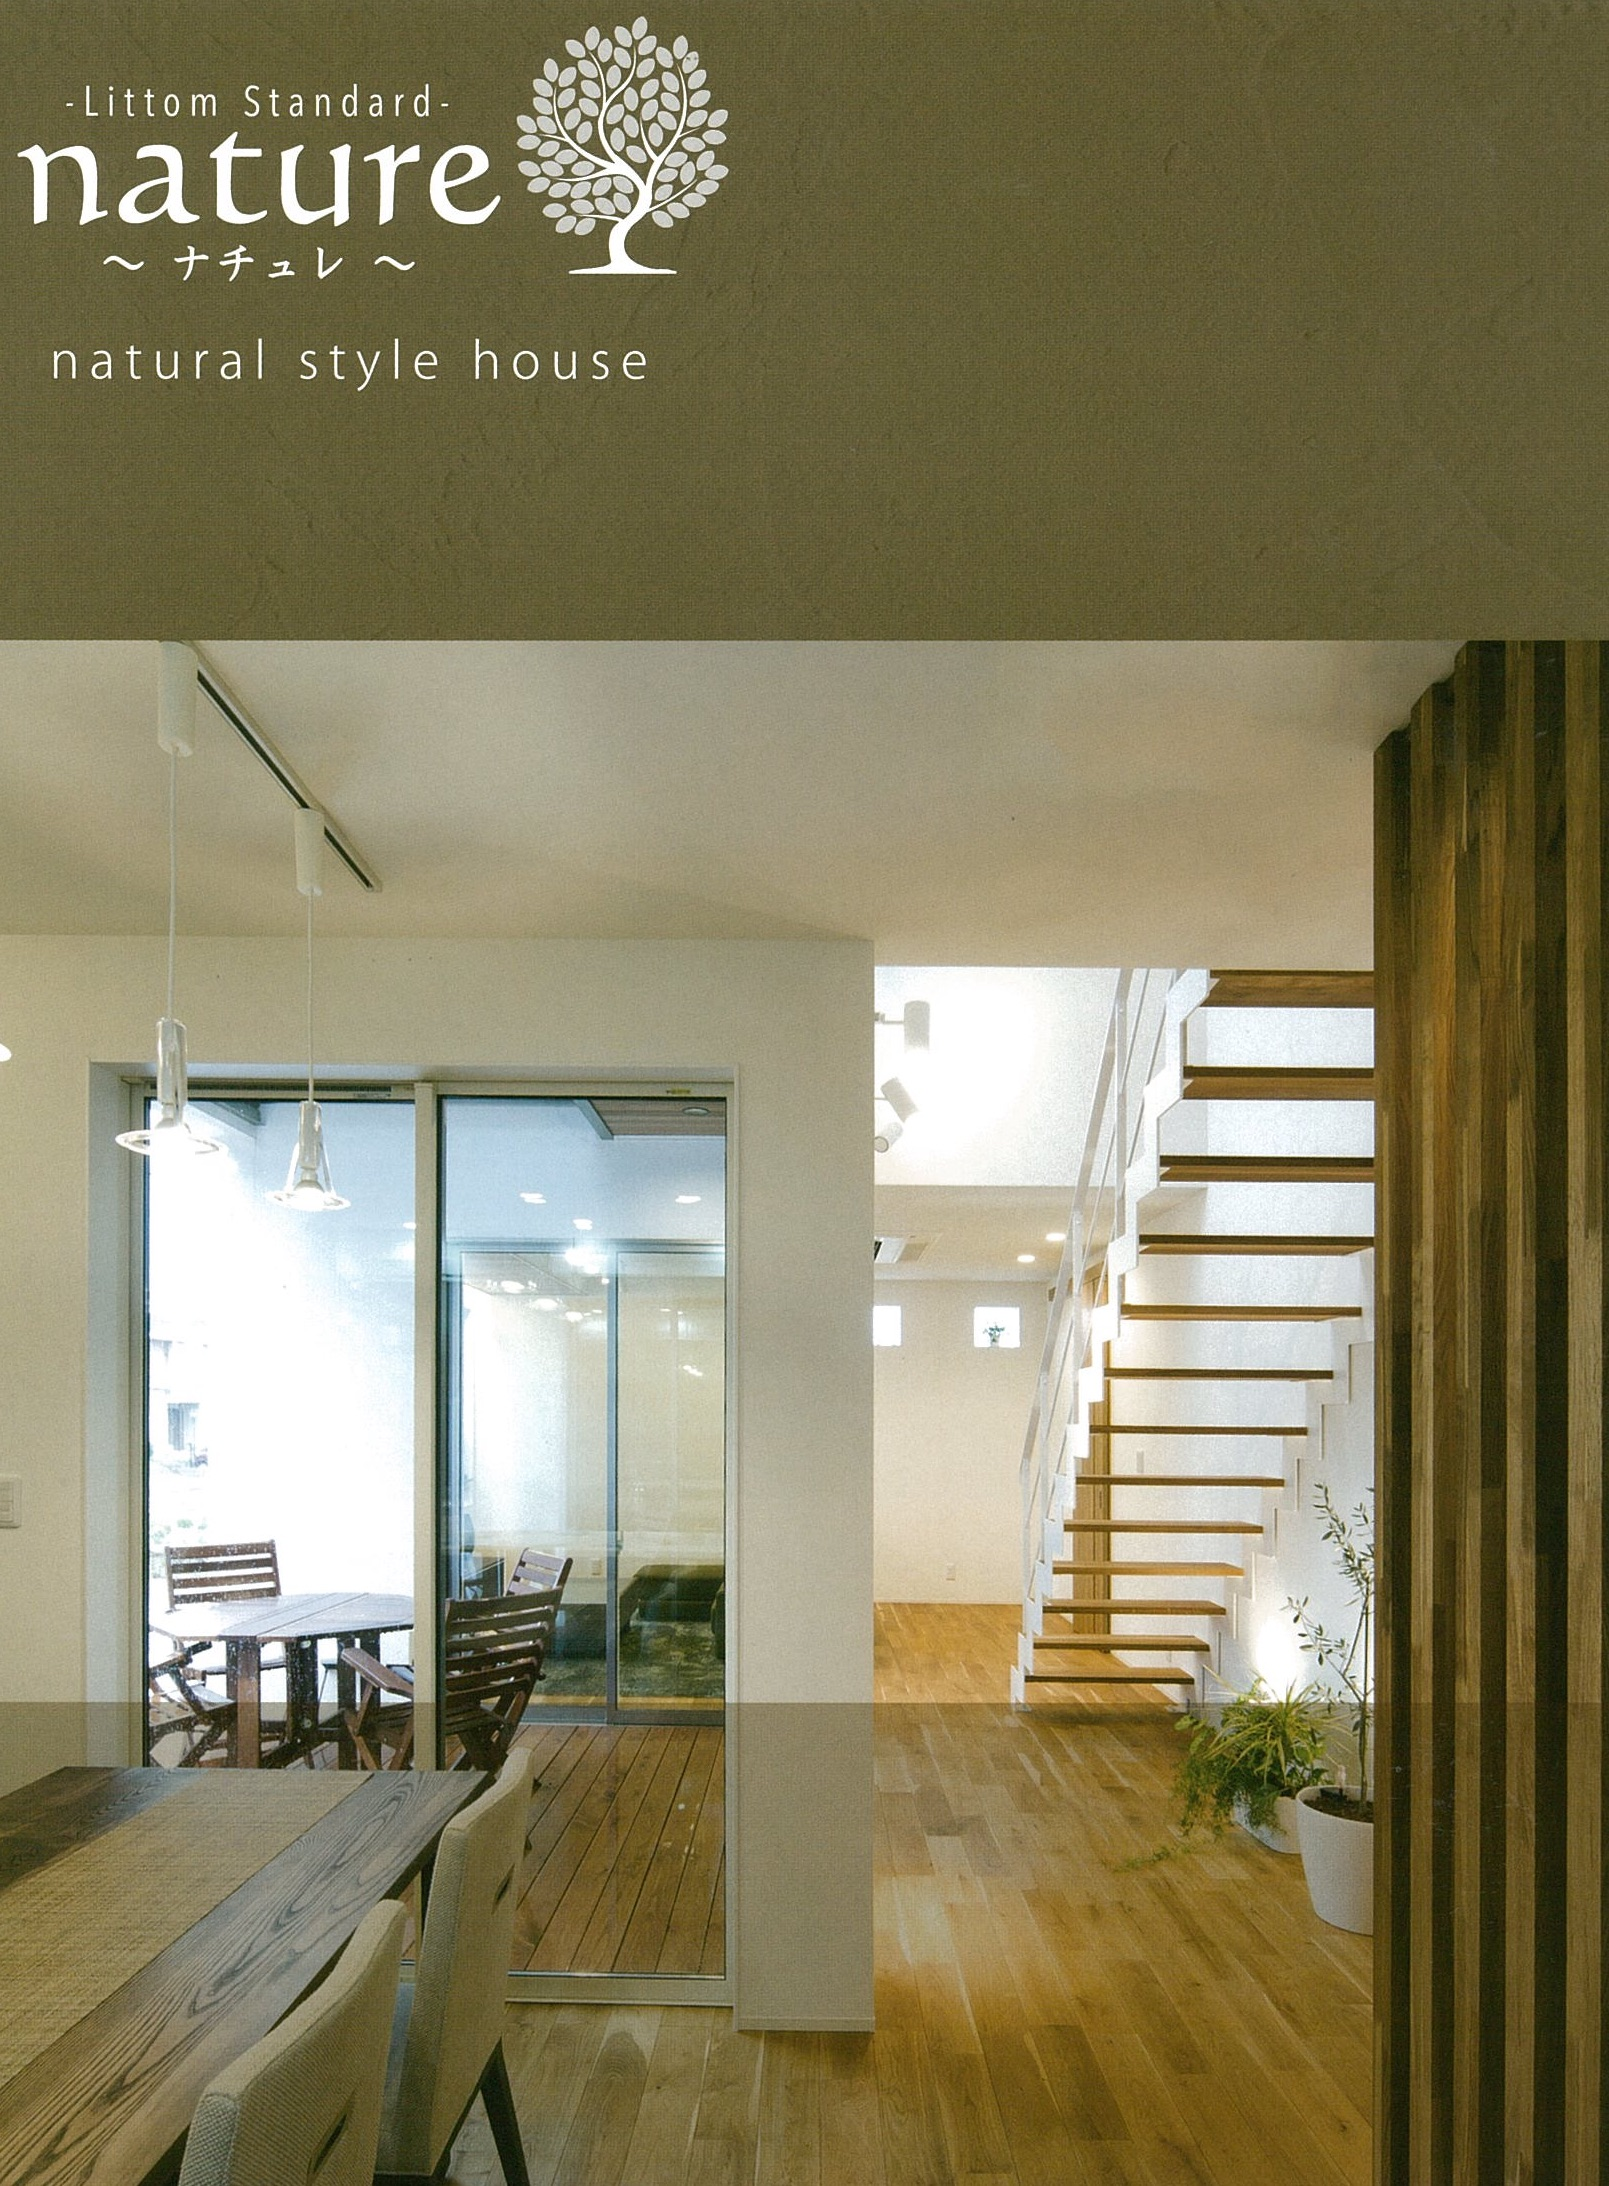 デザイン・機能・住心地を考えた標準仕様